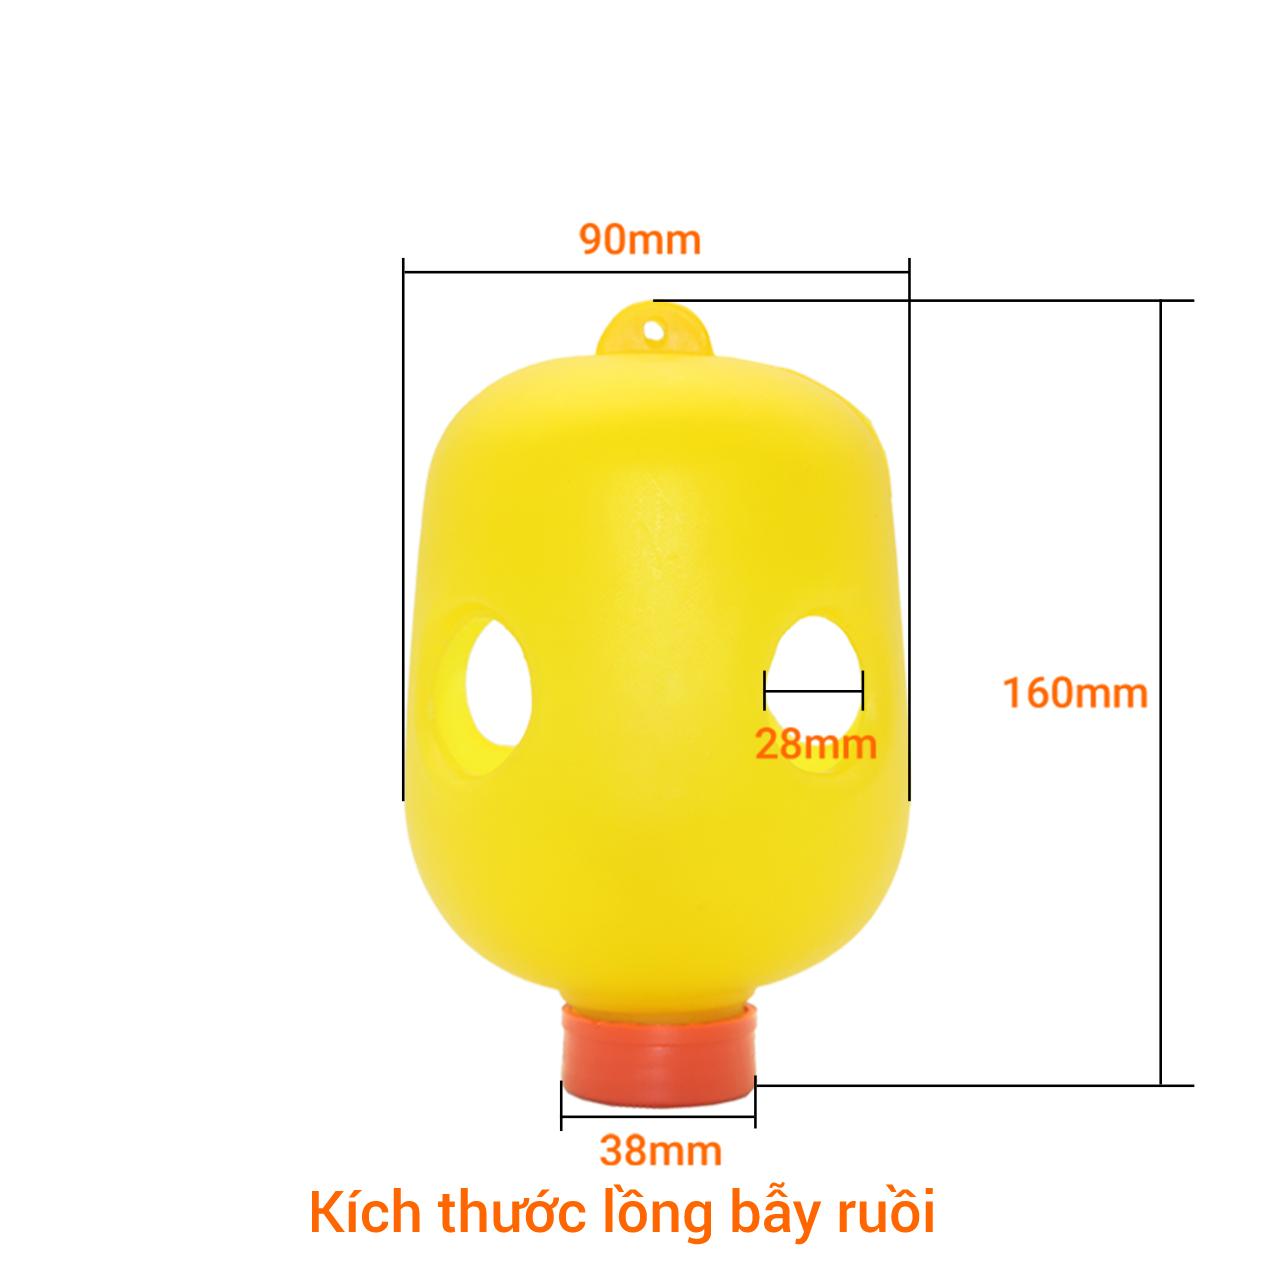 Bộ 5 Lồng dụ bẫy ruồi châm đục trái kèm 1 hộp (2 lọ) thuốc dụ diệt ruồi